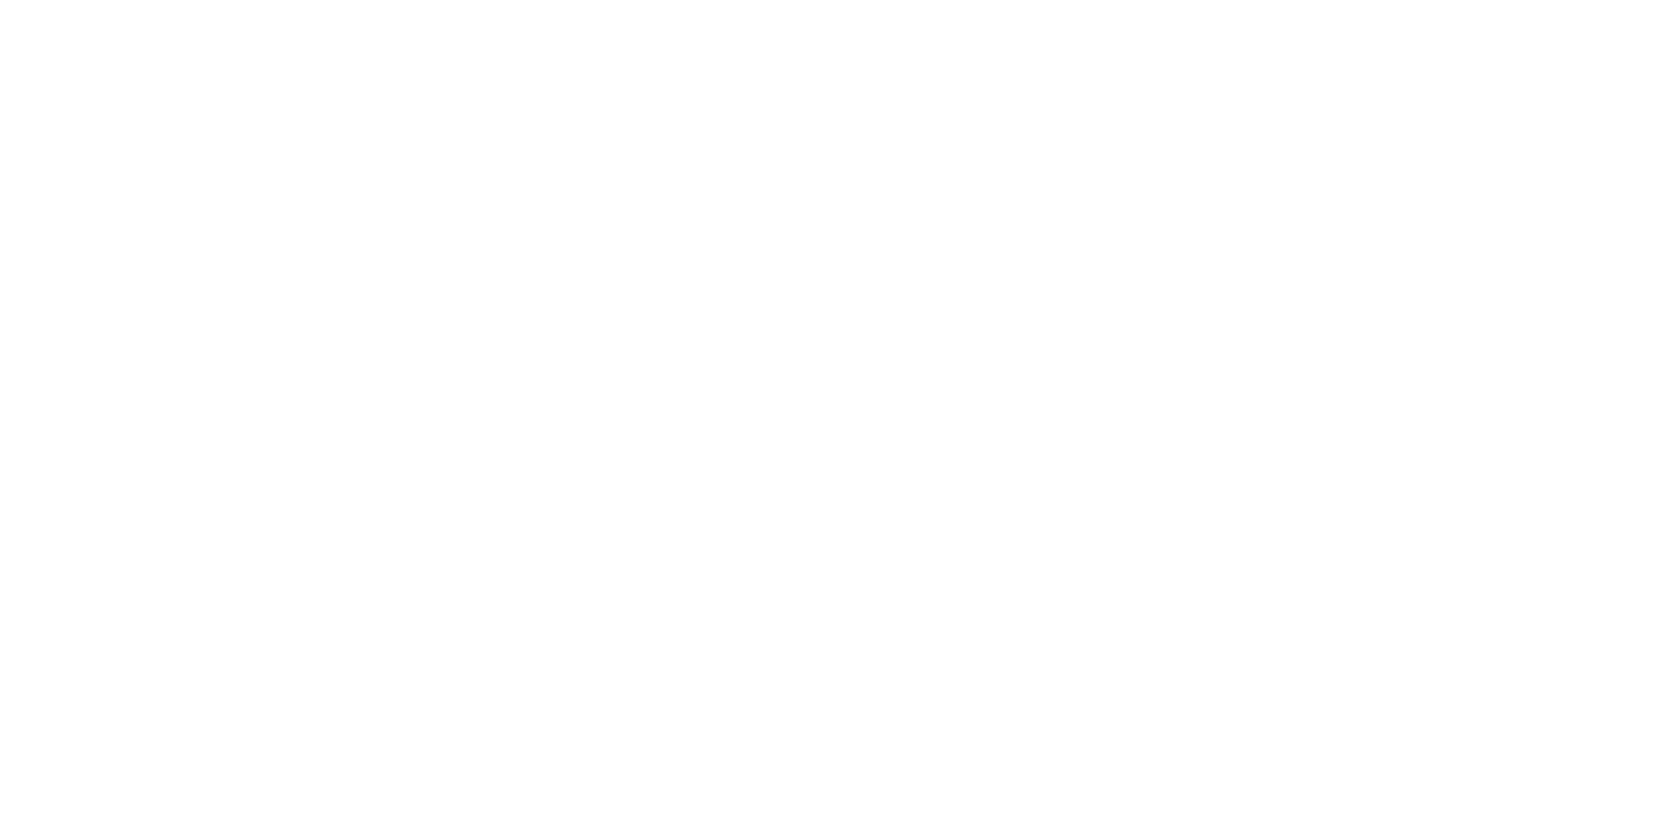 Client_logos_white-12